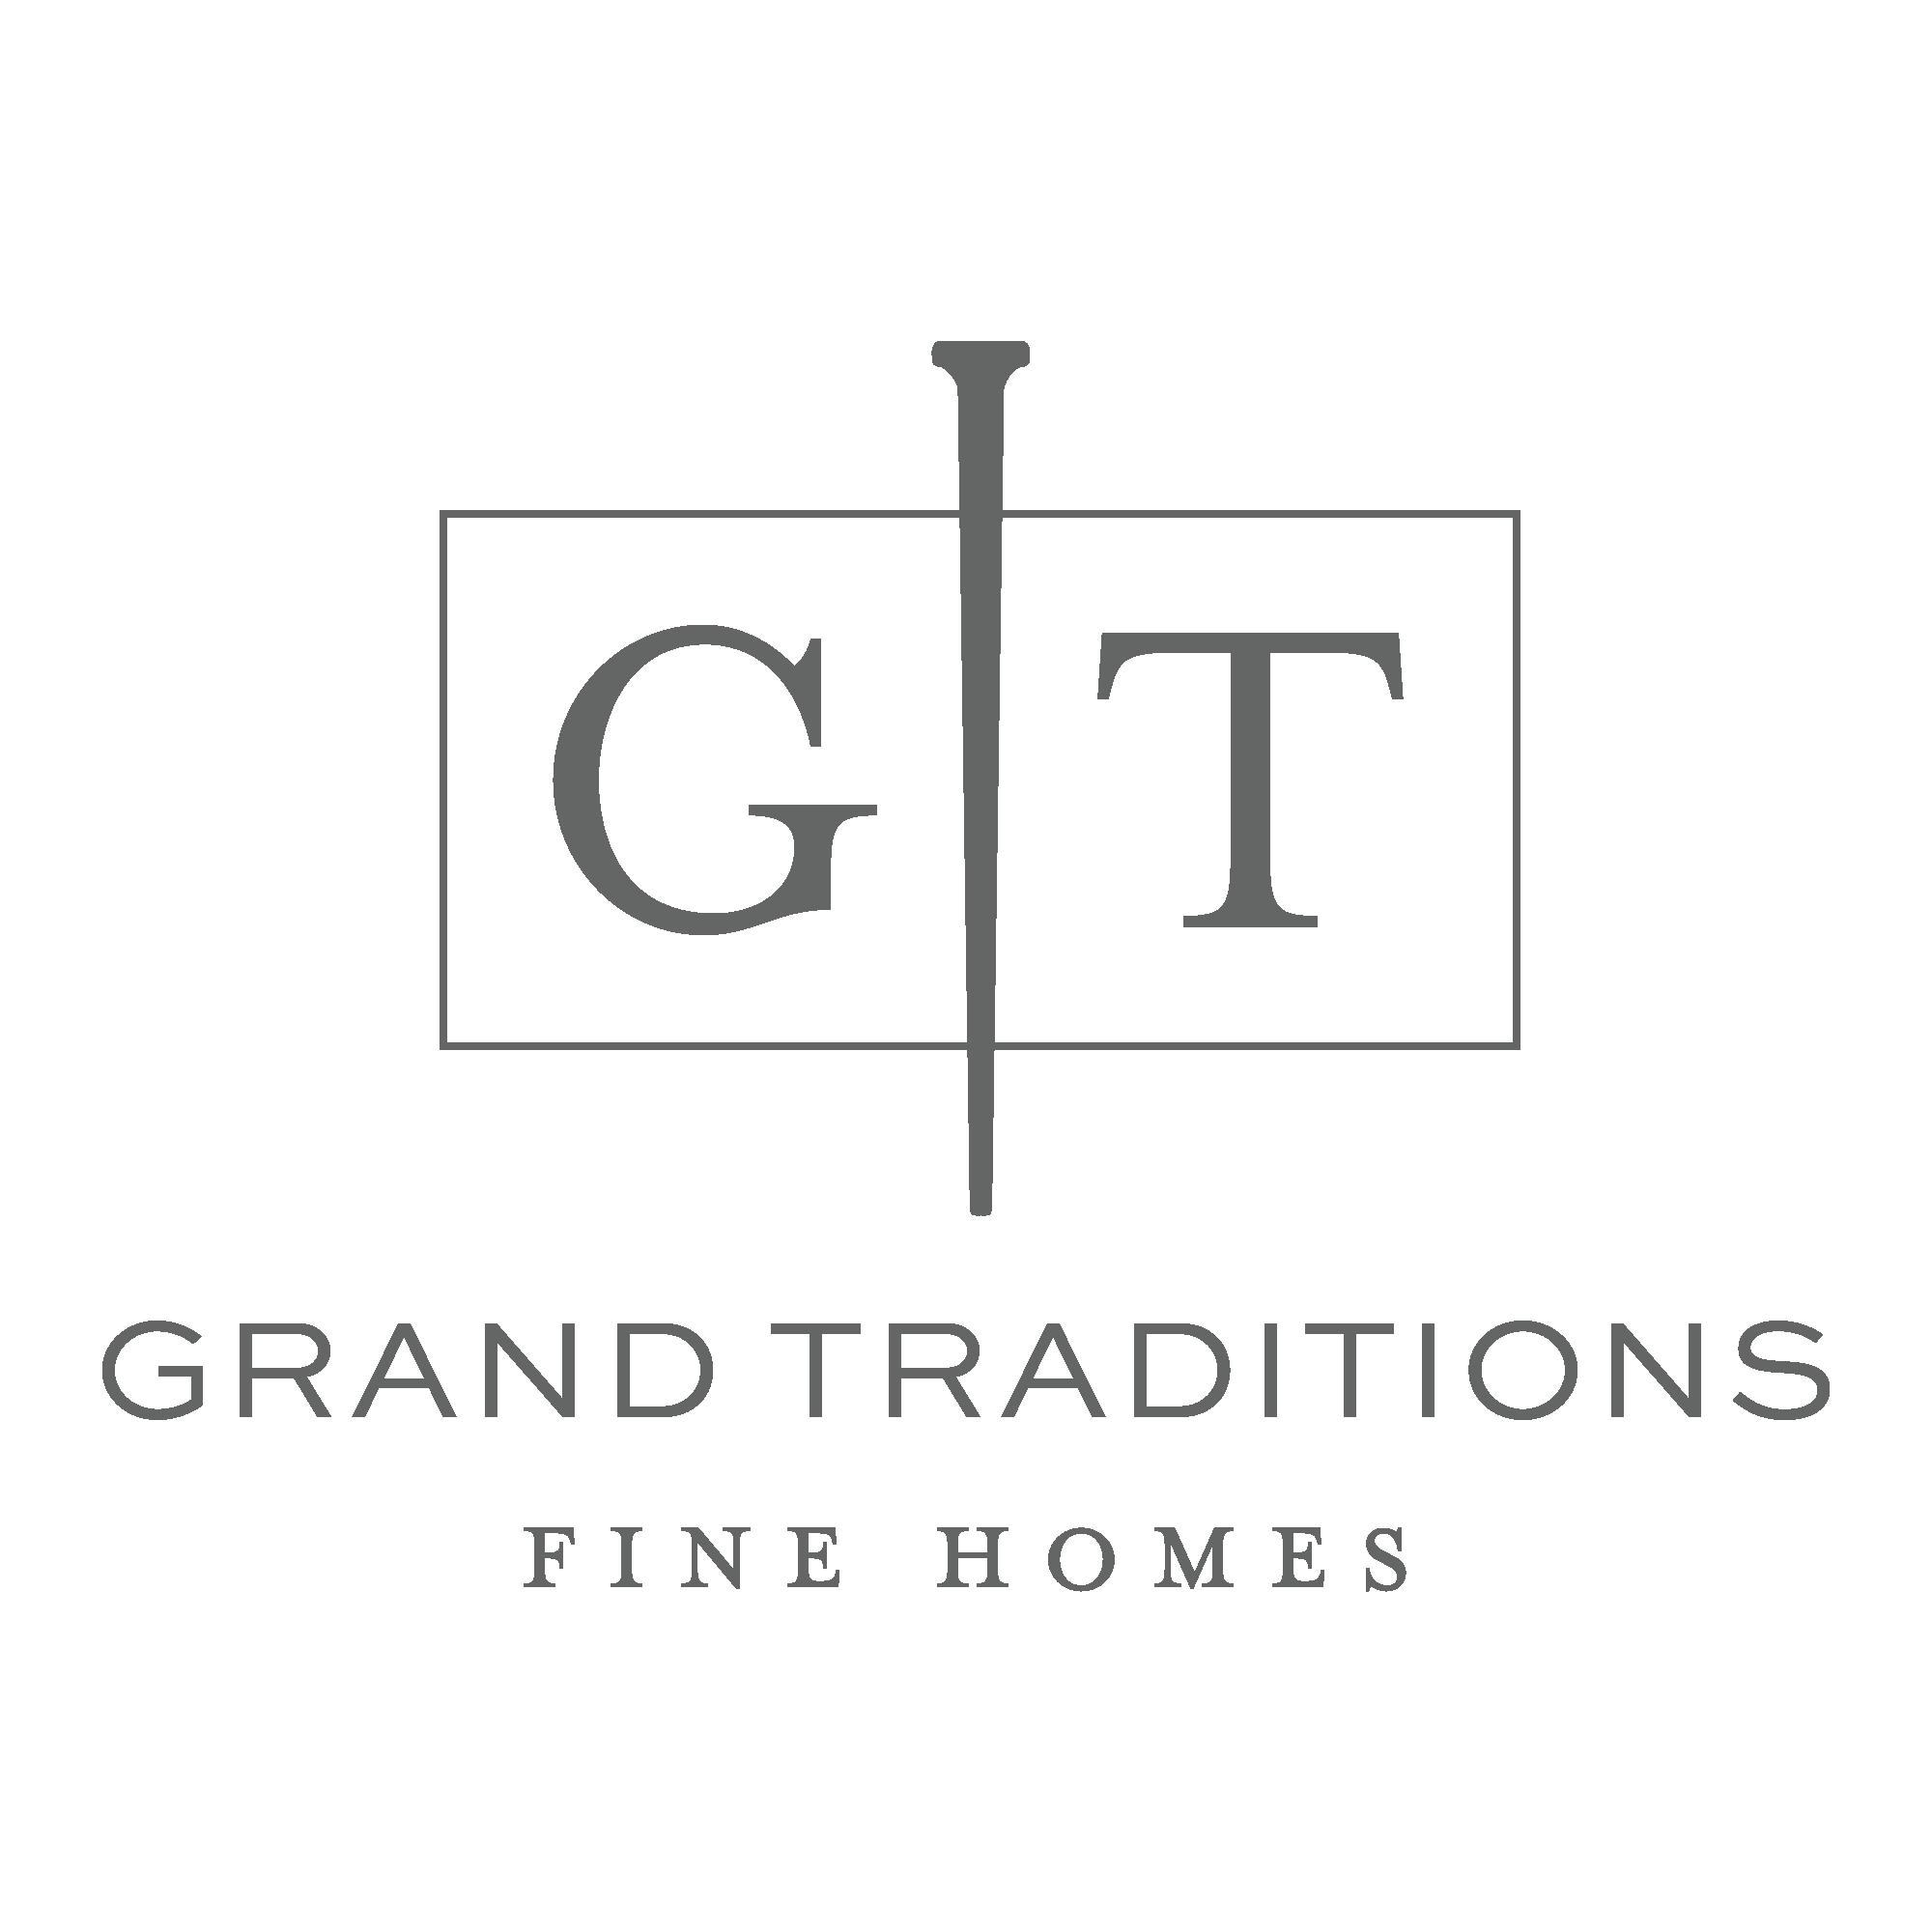 GrandTraditions.png